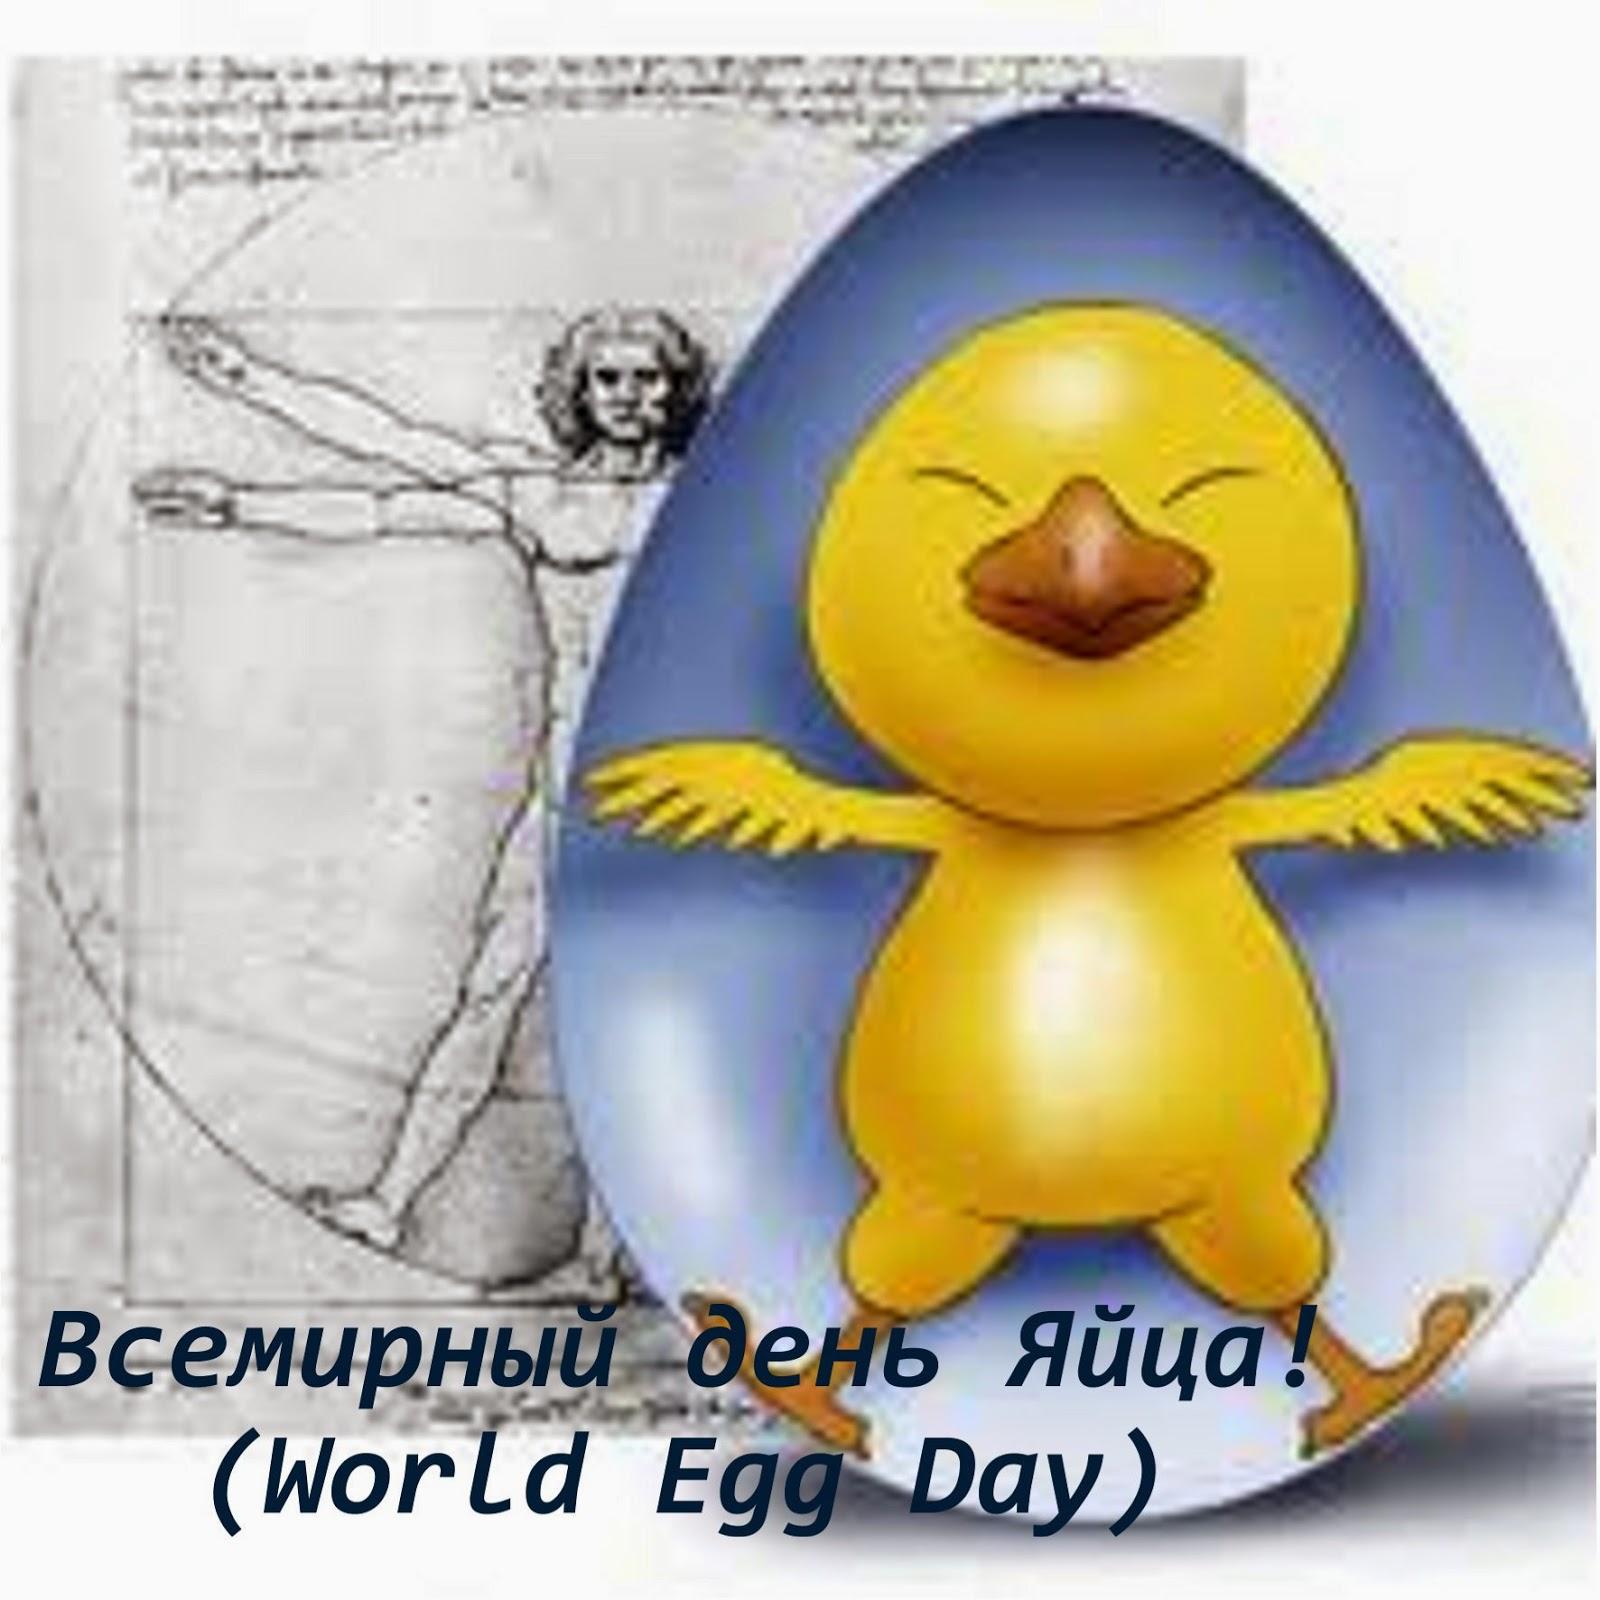 Всемирный день яйца. Сходство